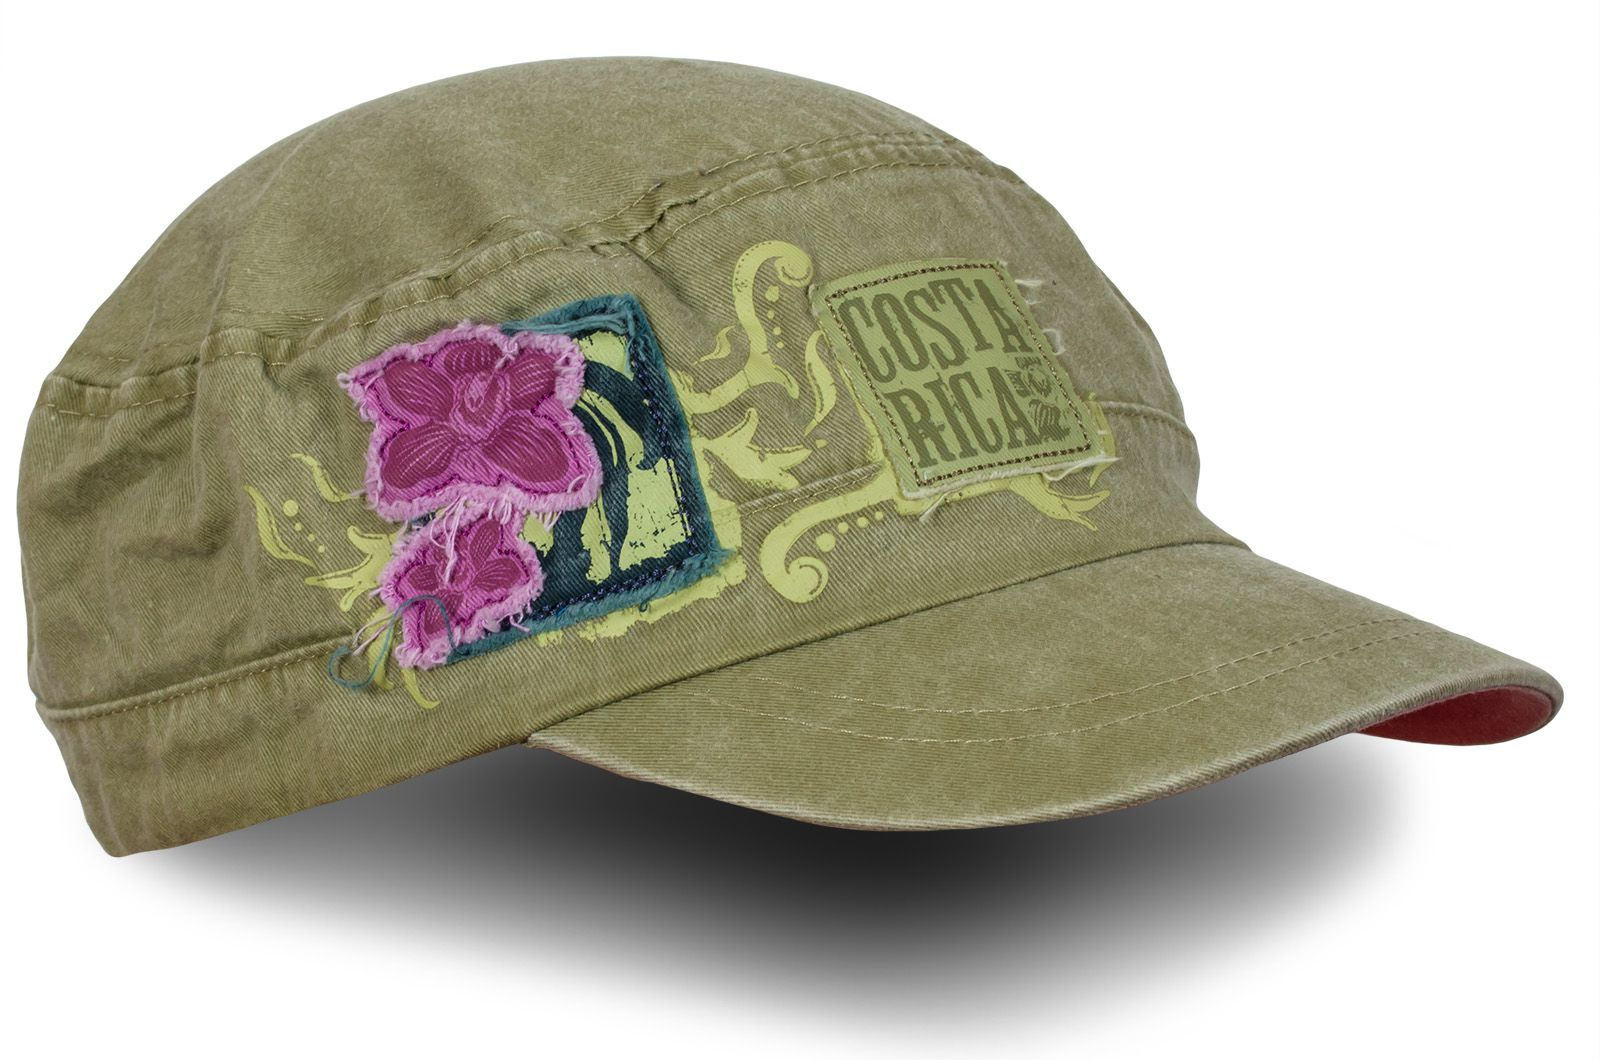 Женская кепка с нашивкой Costa Rica - купить недорого